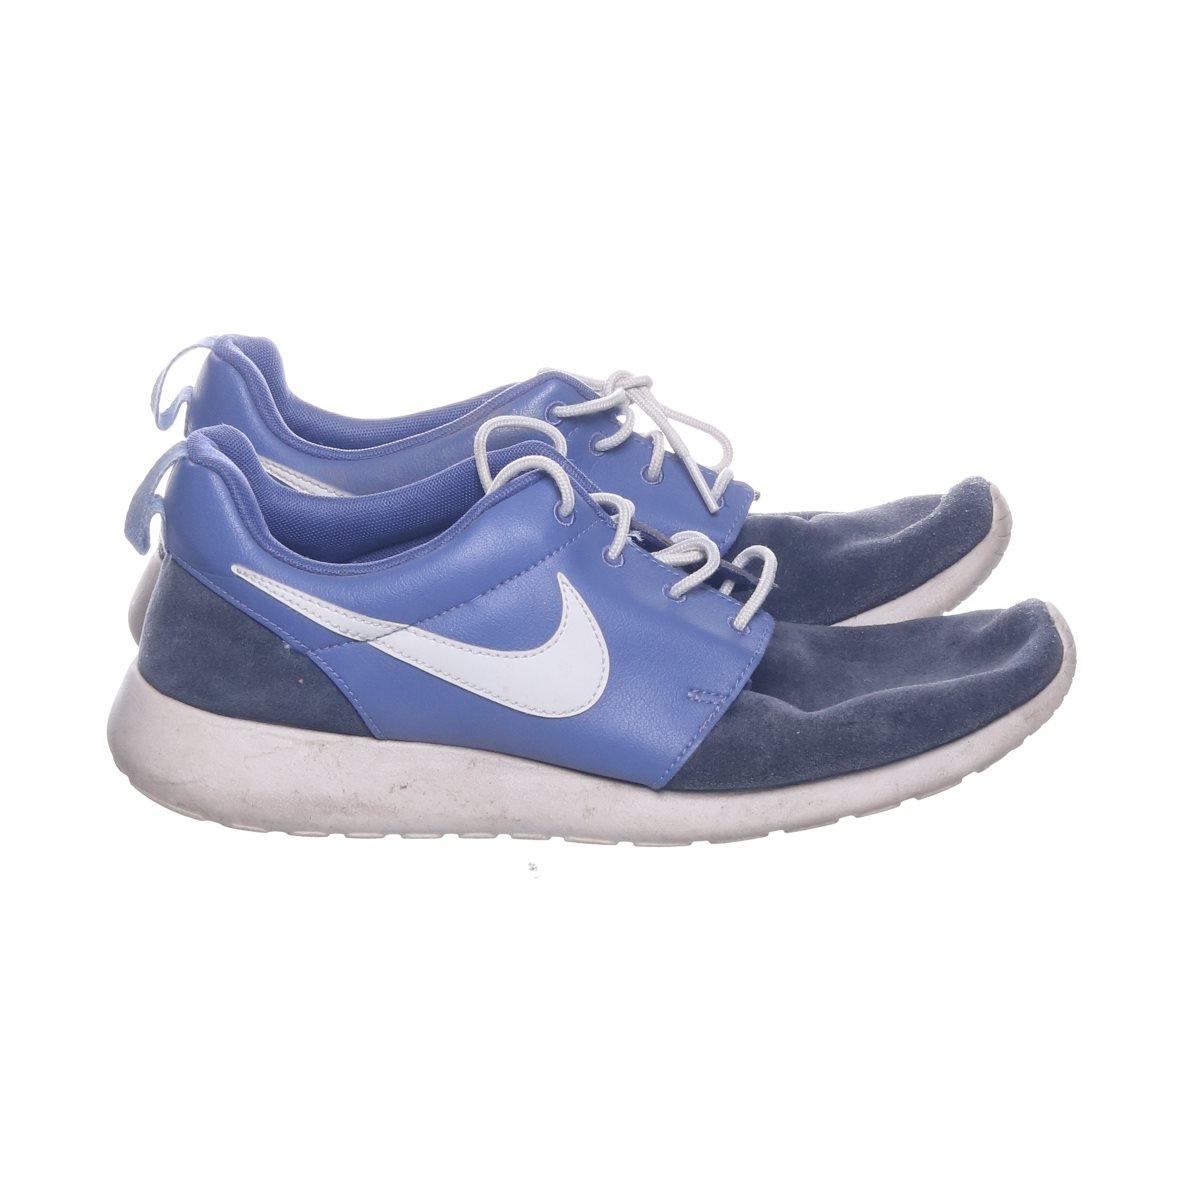 los angeles 36fdd 927a2 Nike, Sneakers, Strl  44.5, 525234-401, Svart Lila